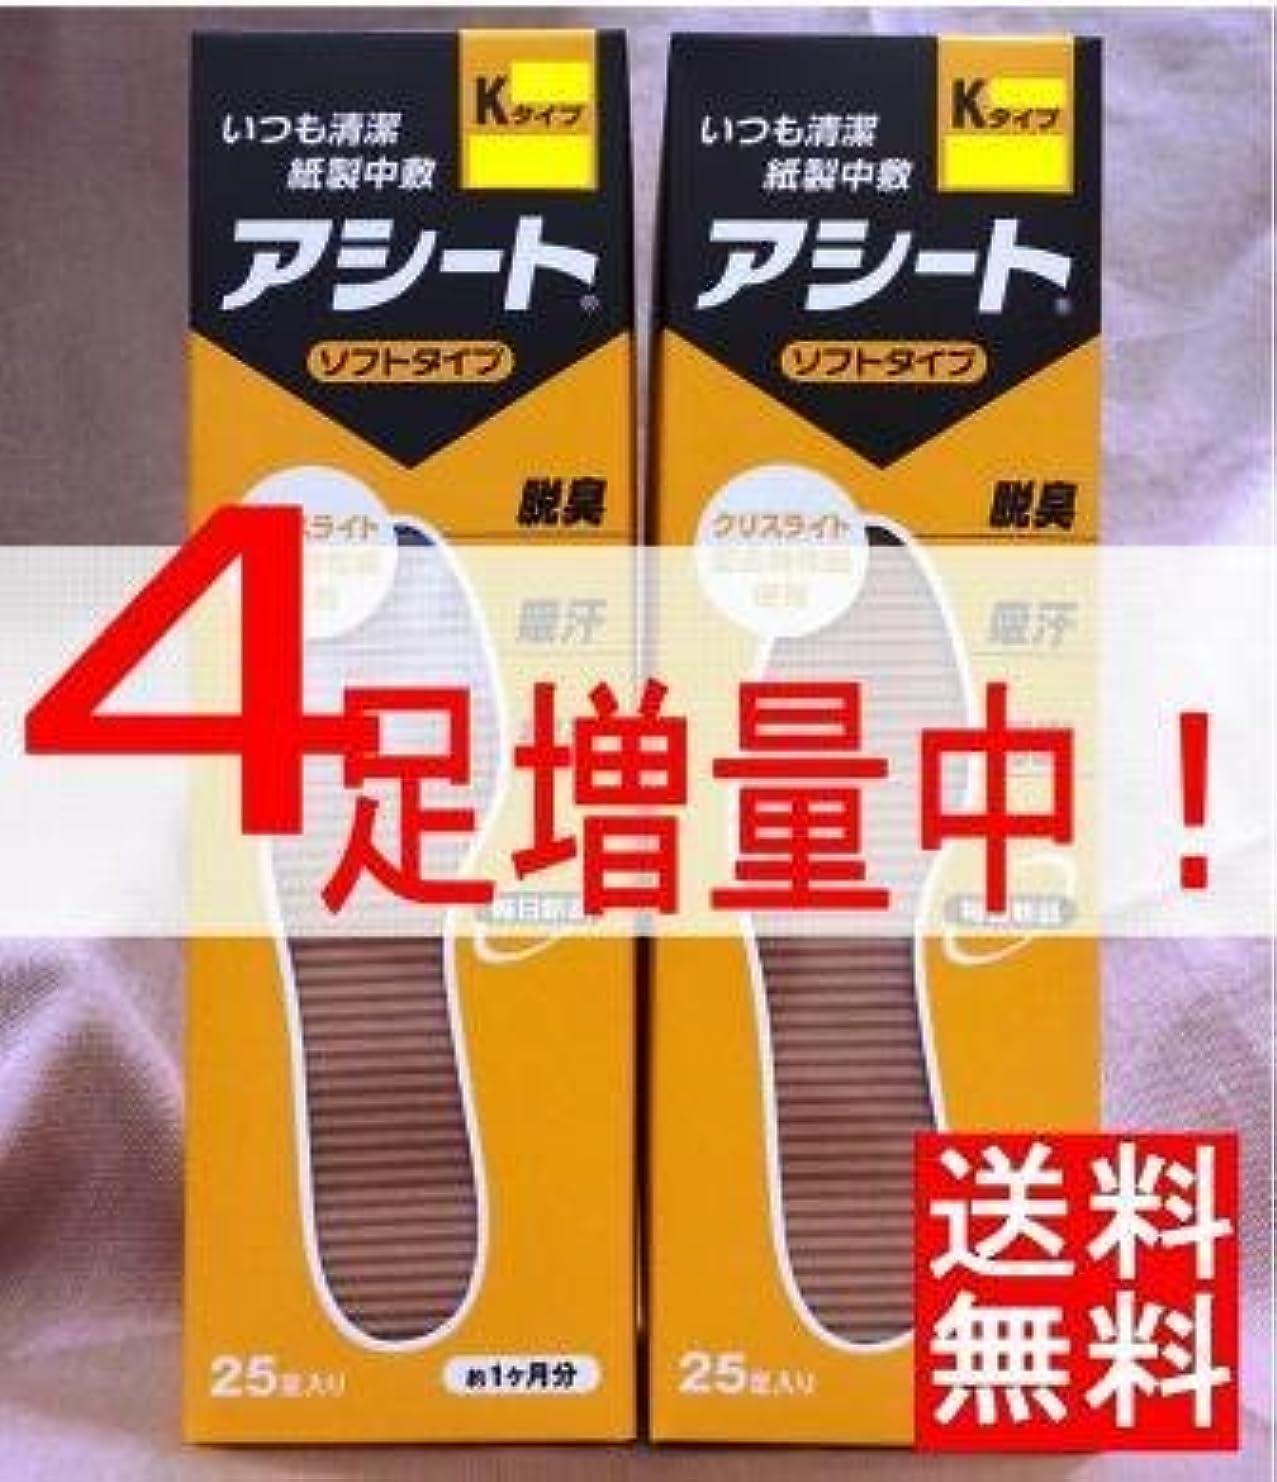 妨げる与える削除するアシートK(サイズ24cm)×2箱セット(4足増量中)